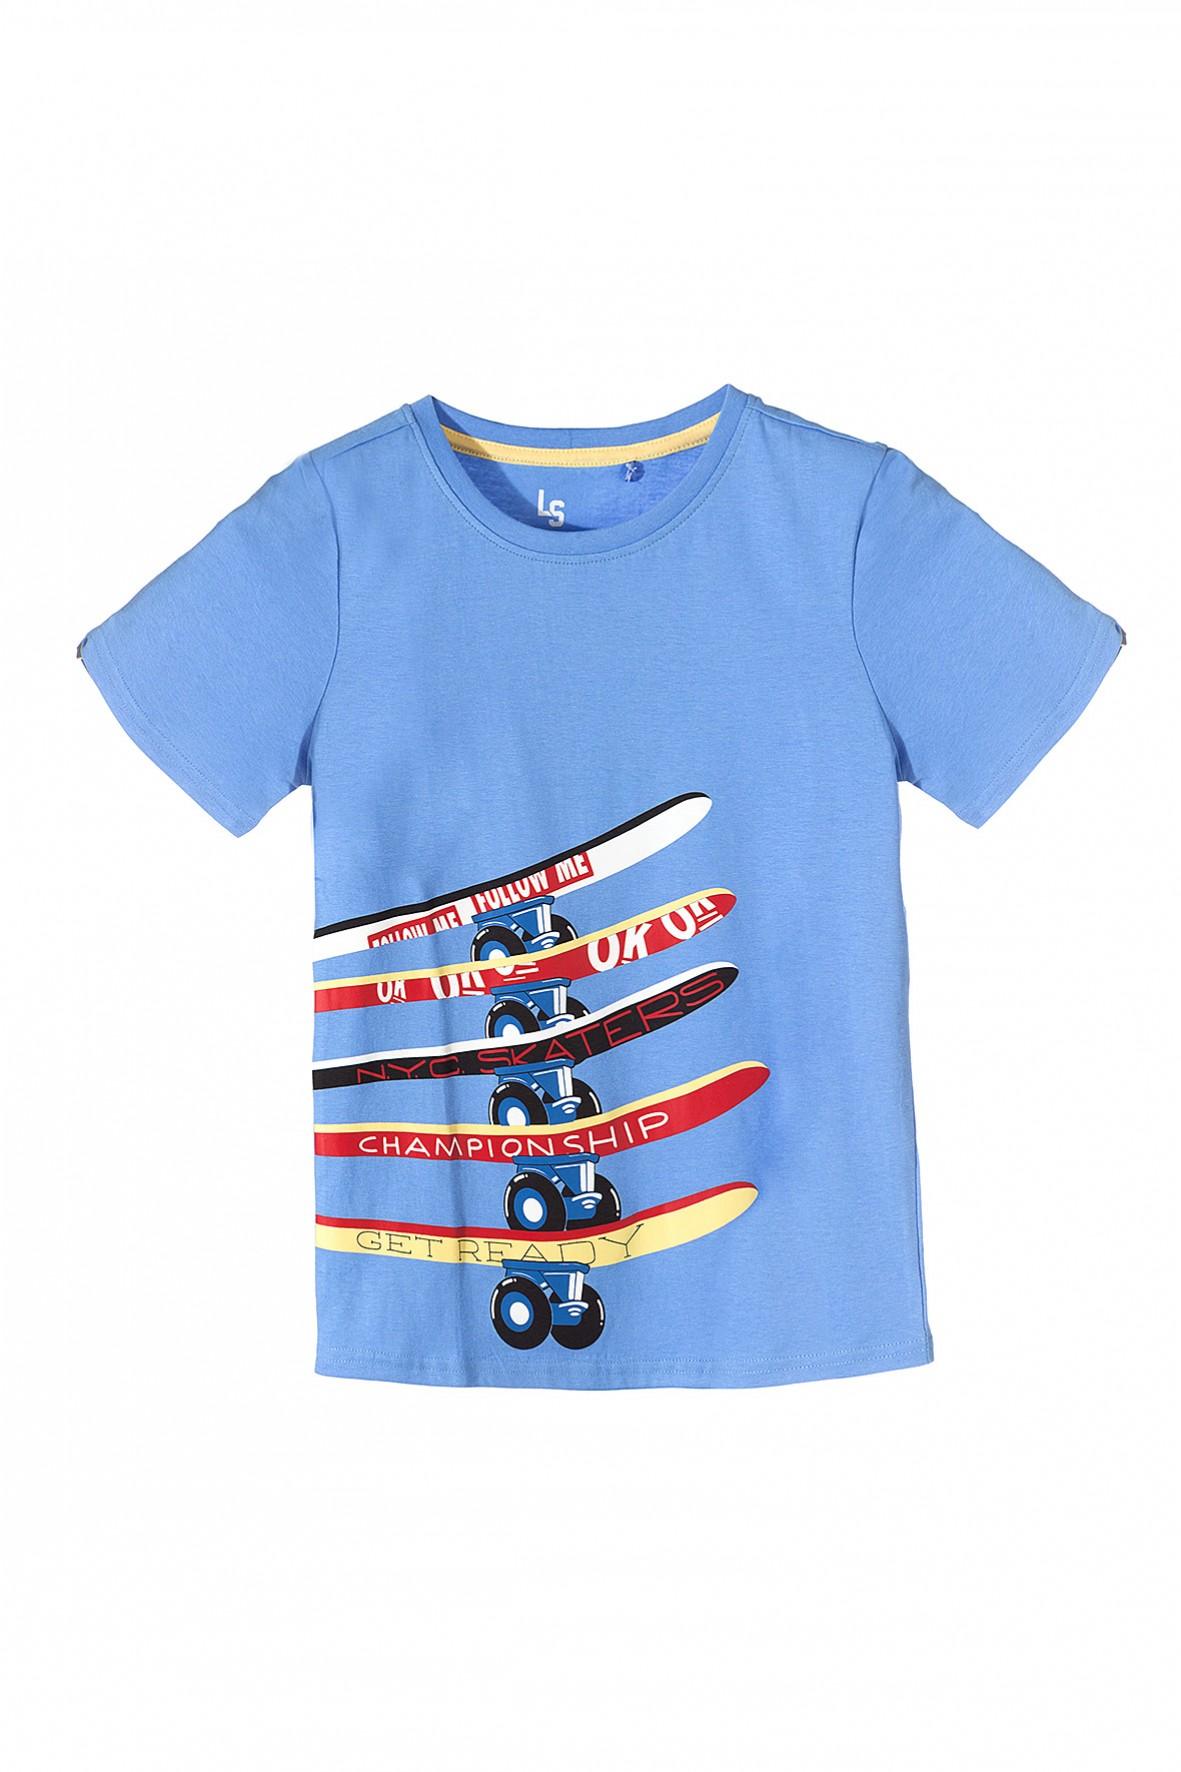 Koszulka chłopięca niebieska z deskorolkami